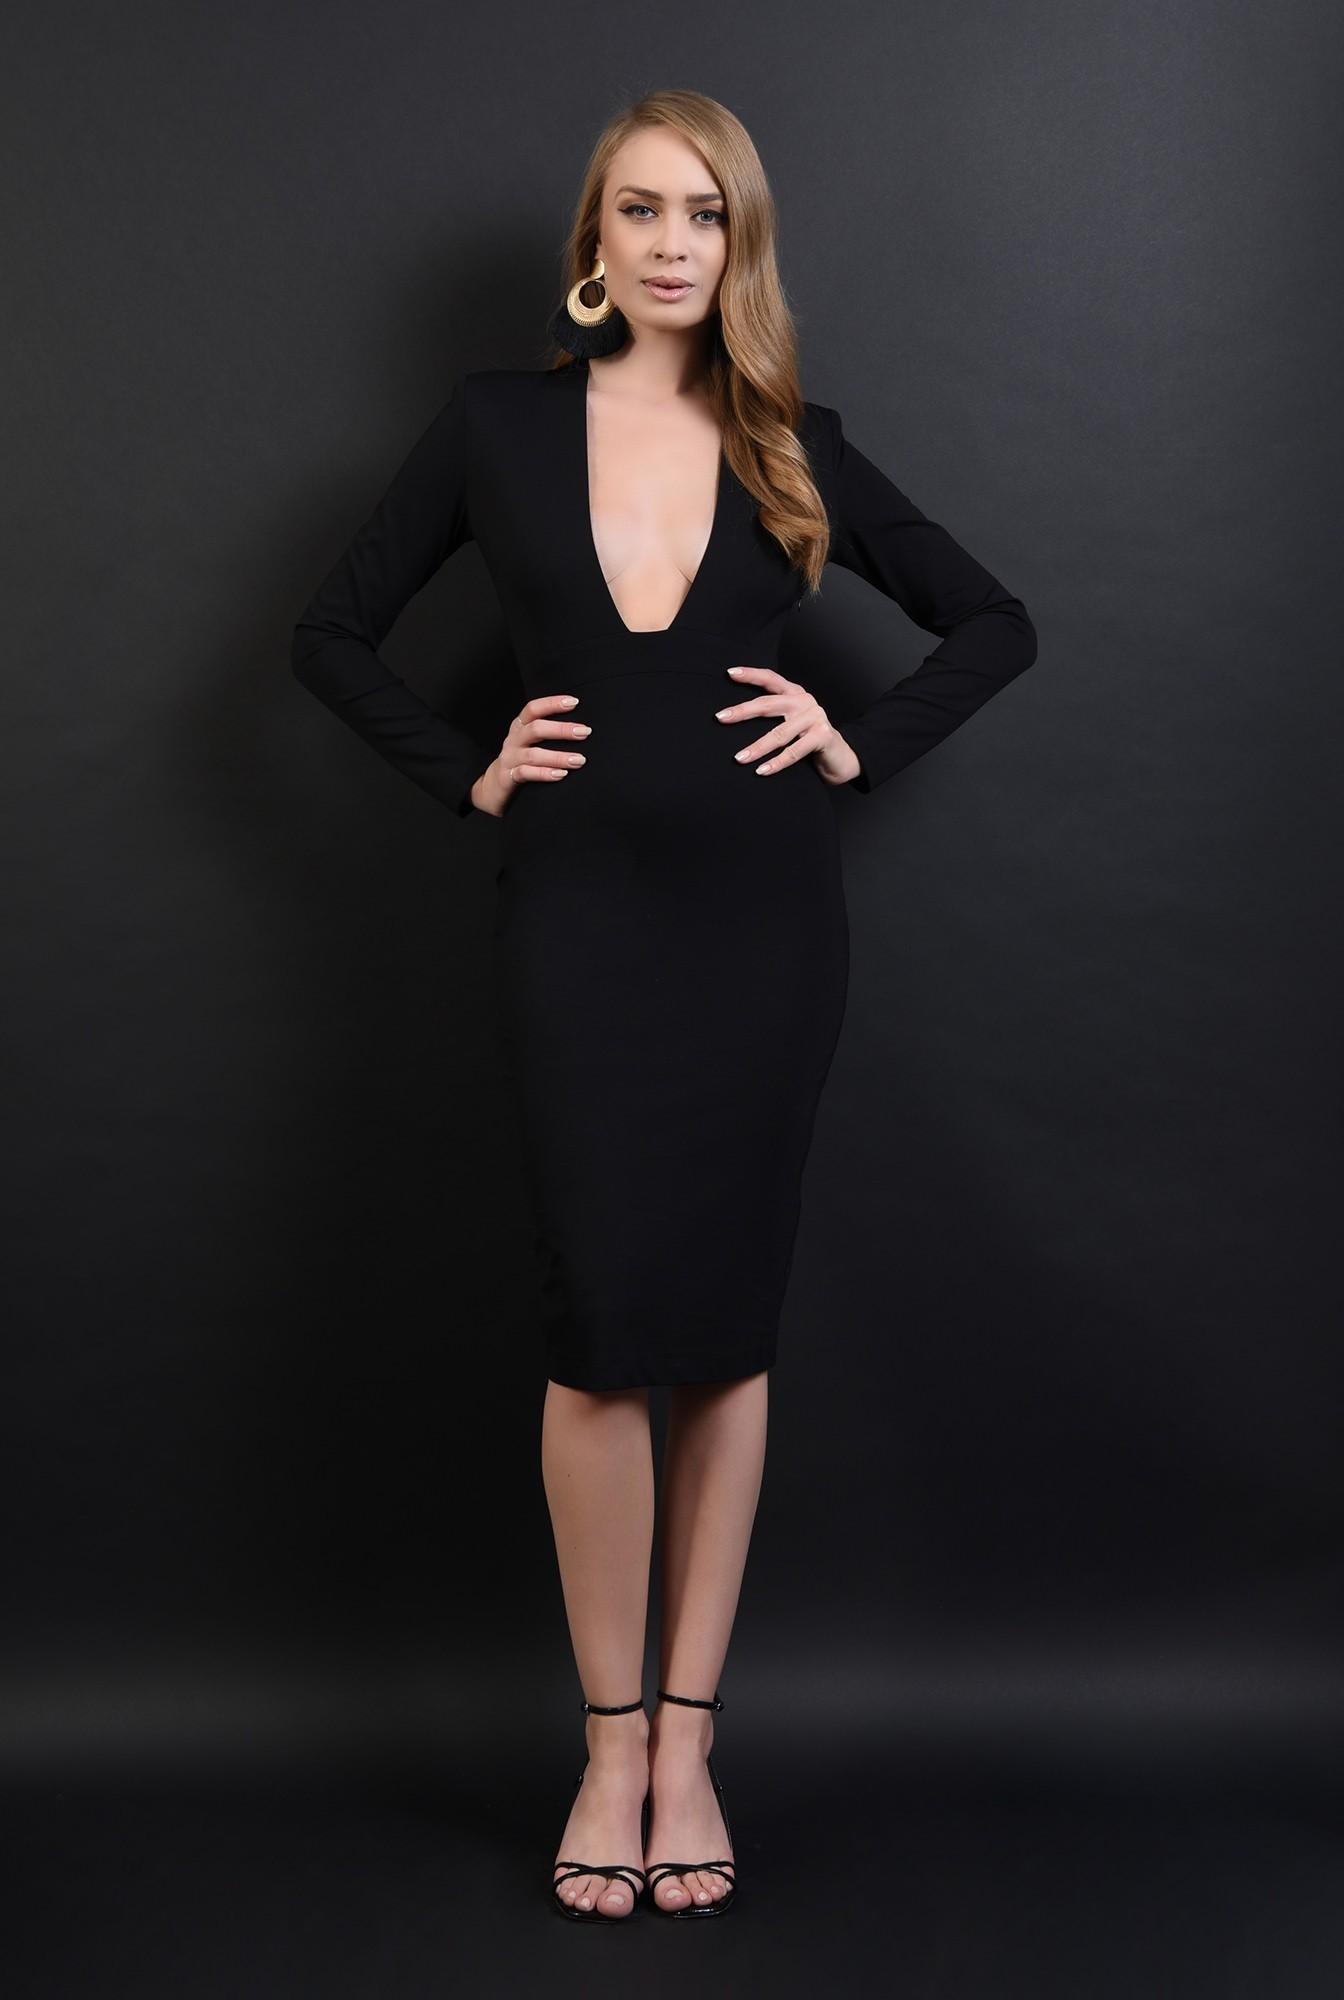 1 - 360 - rochie neagra, conica, cu anchior amplu